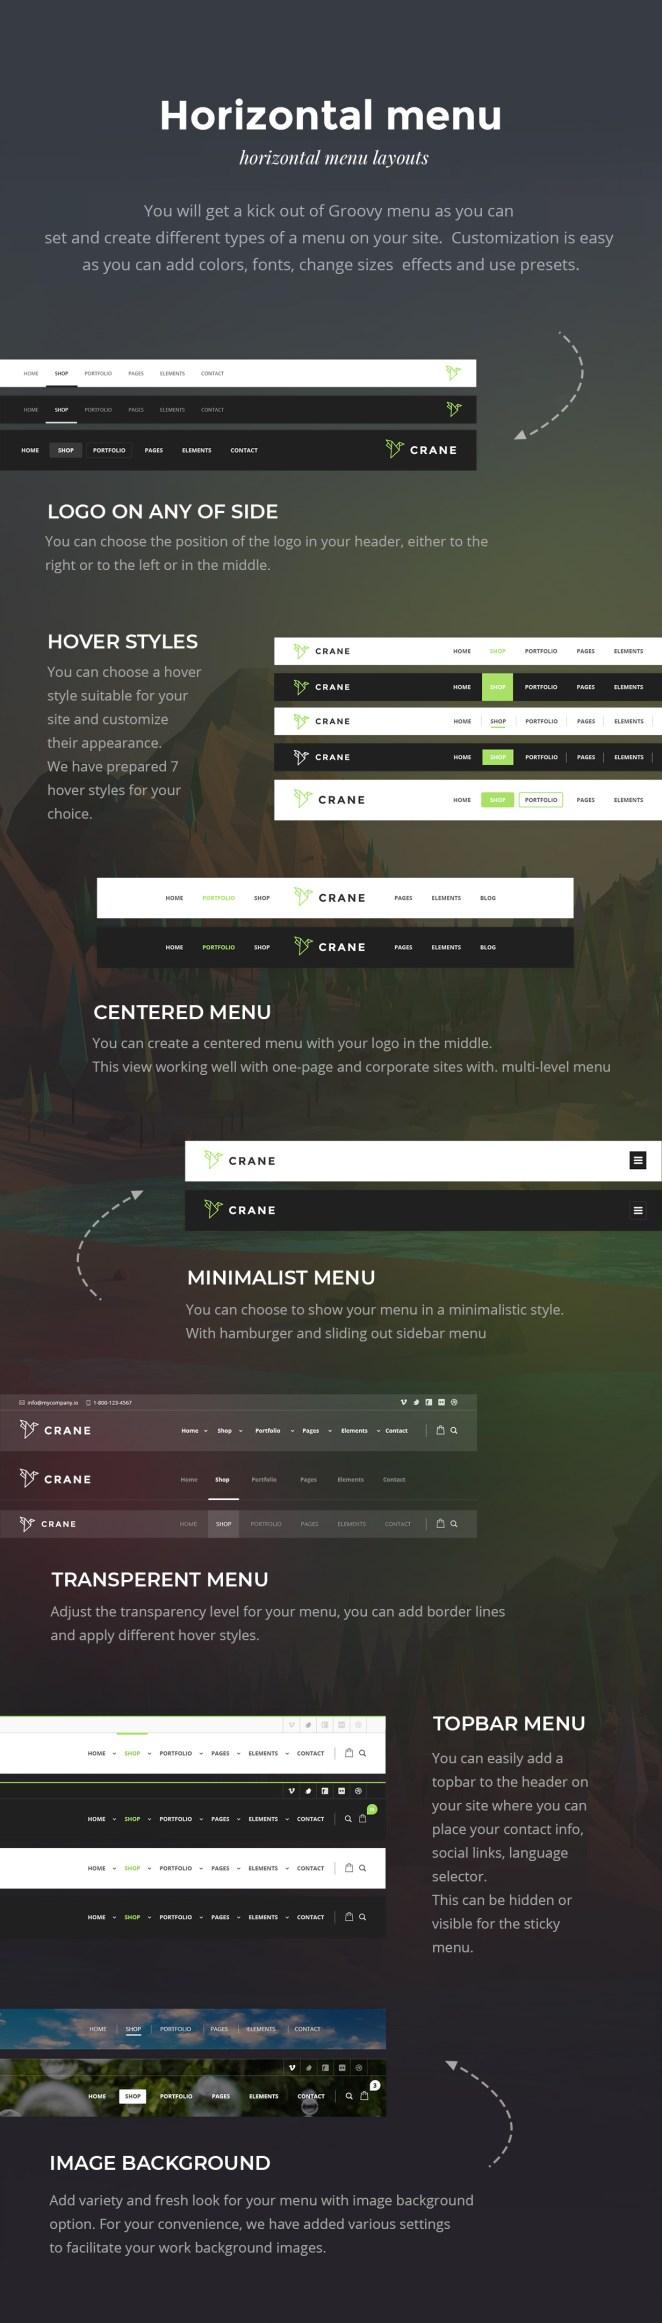 New professional and premium Mega Menu Plugin for WordPress